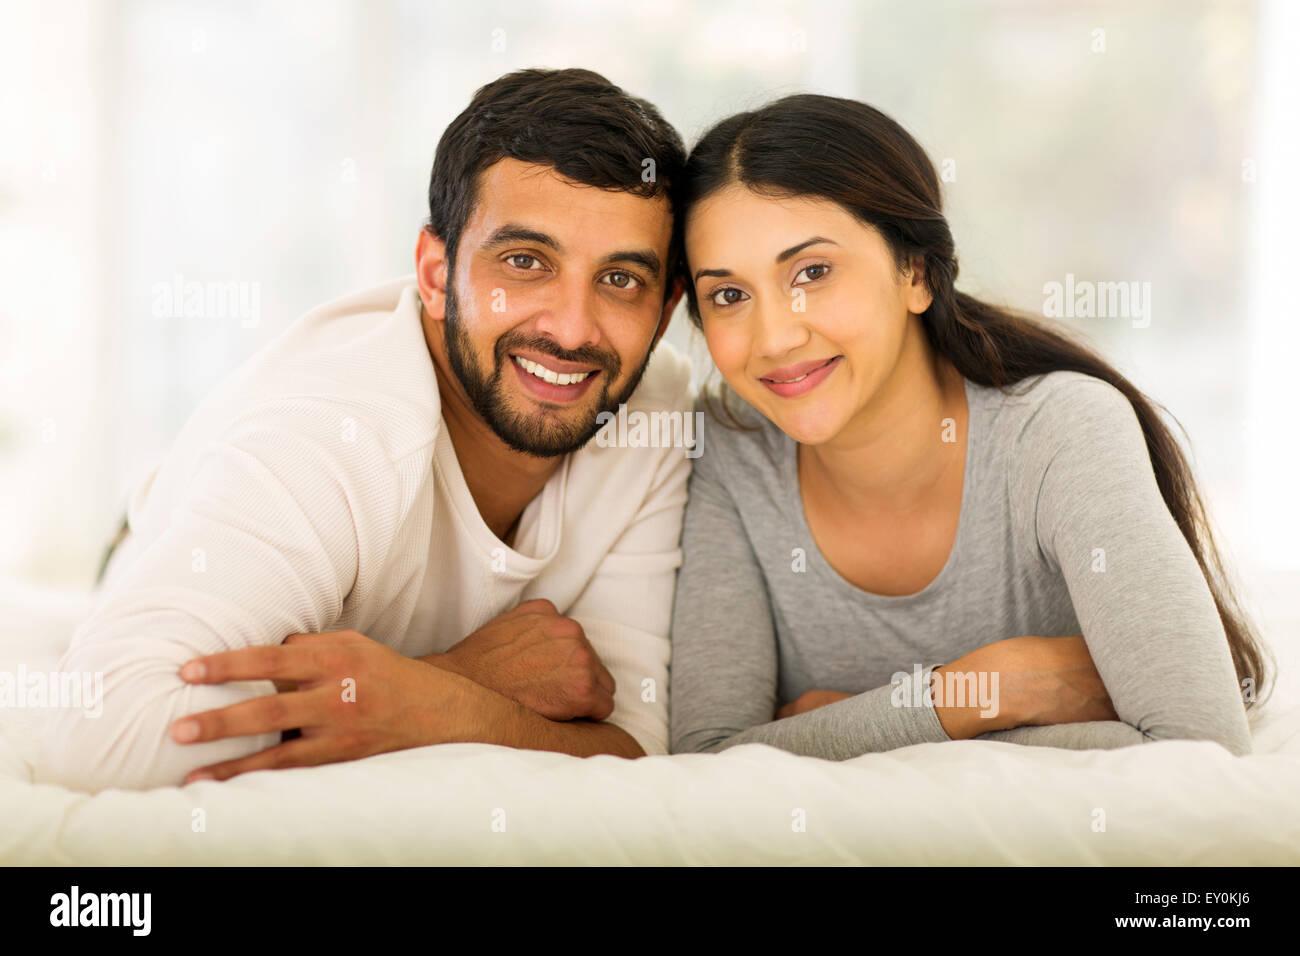 Bella giovani indiani coppia sposata giacente sul letto Immagini Stock